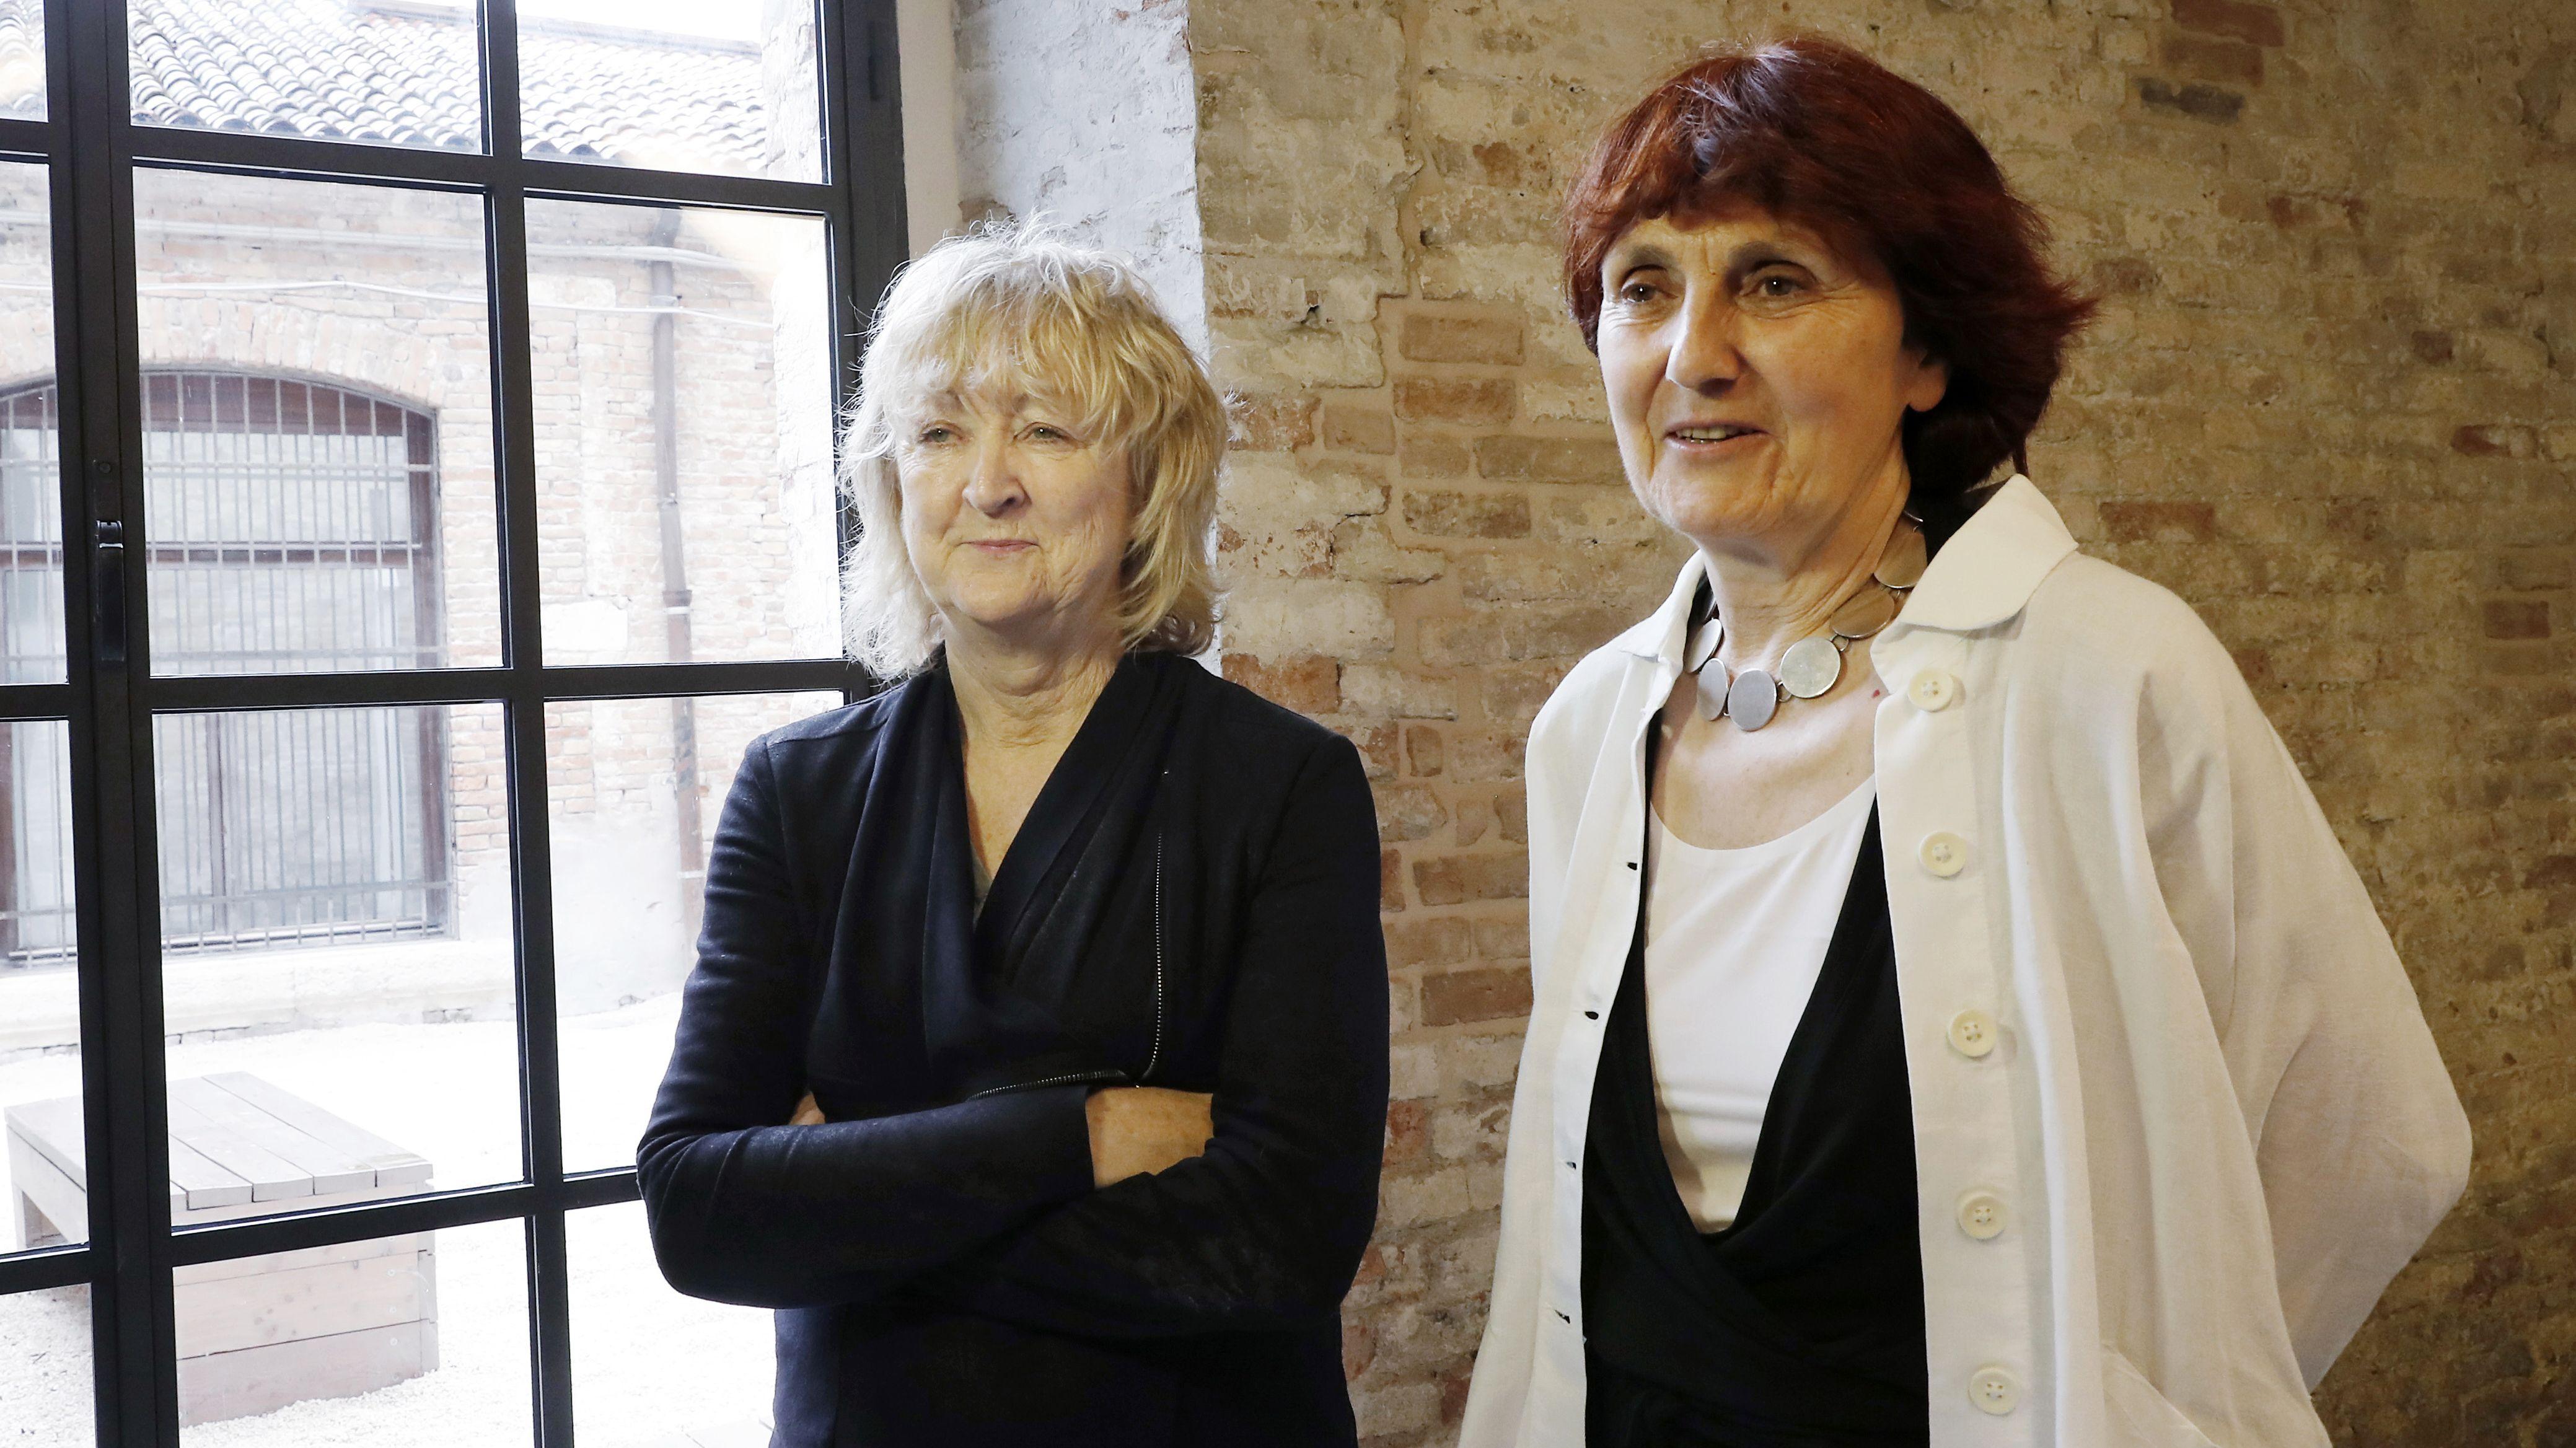 Zwei Damen im Arsenale von Venedig: die Architektinnen Yvonne Farrell und Shelley McNamara